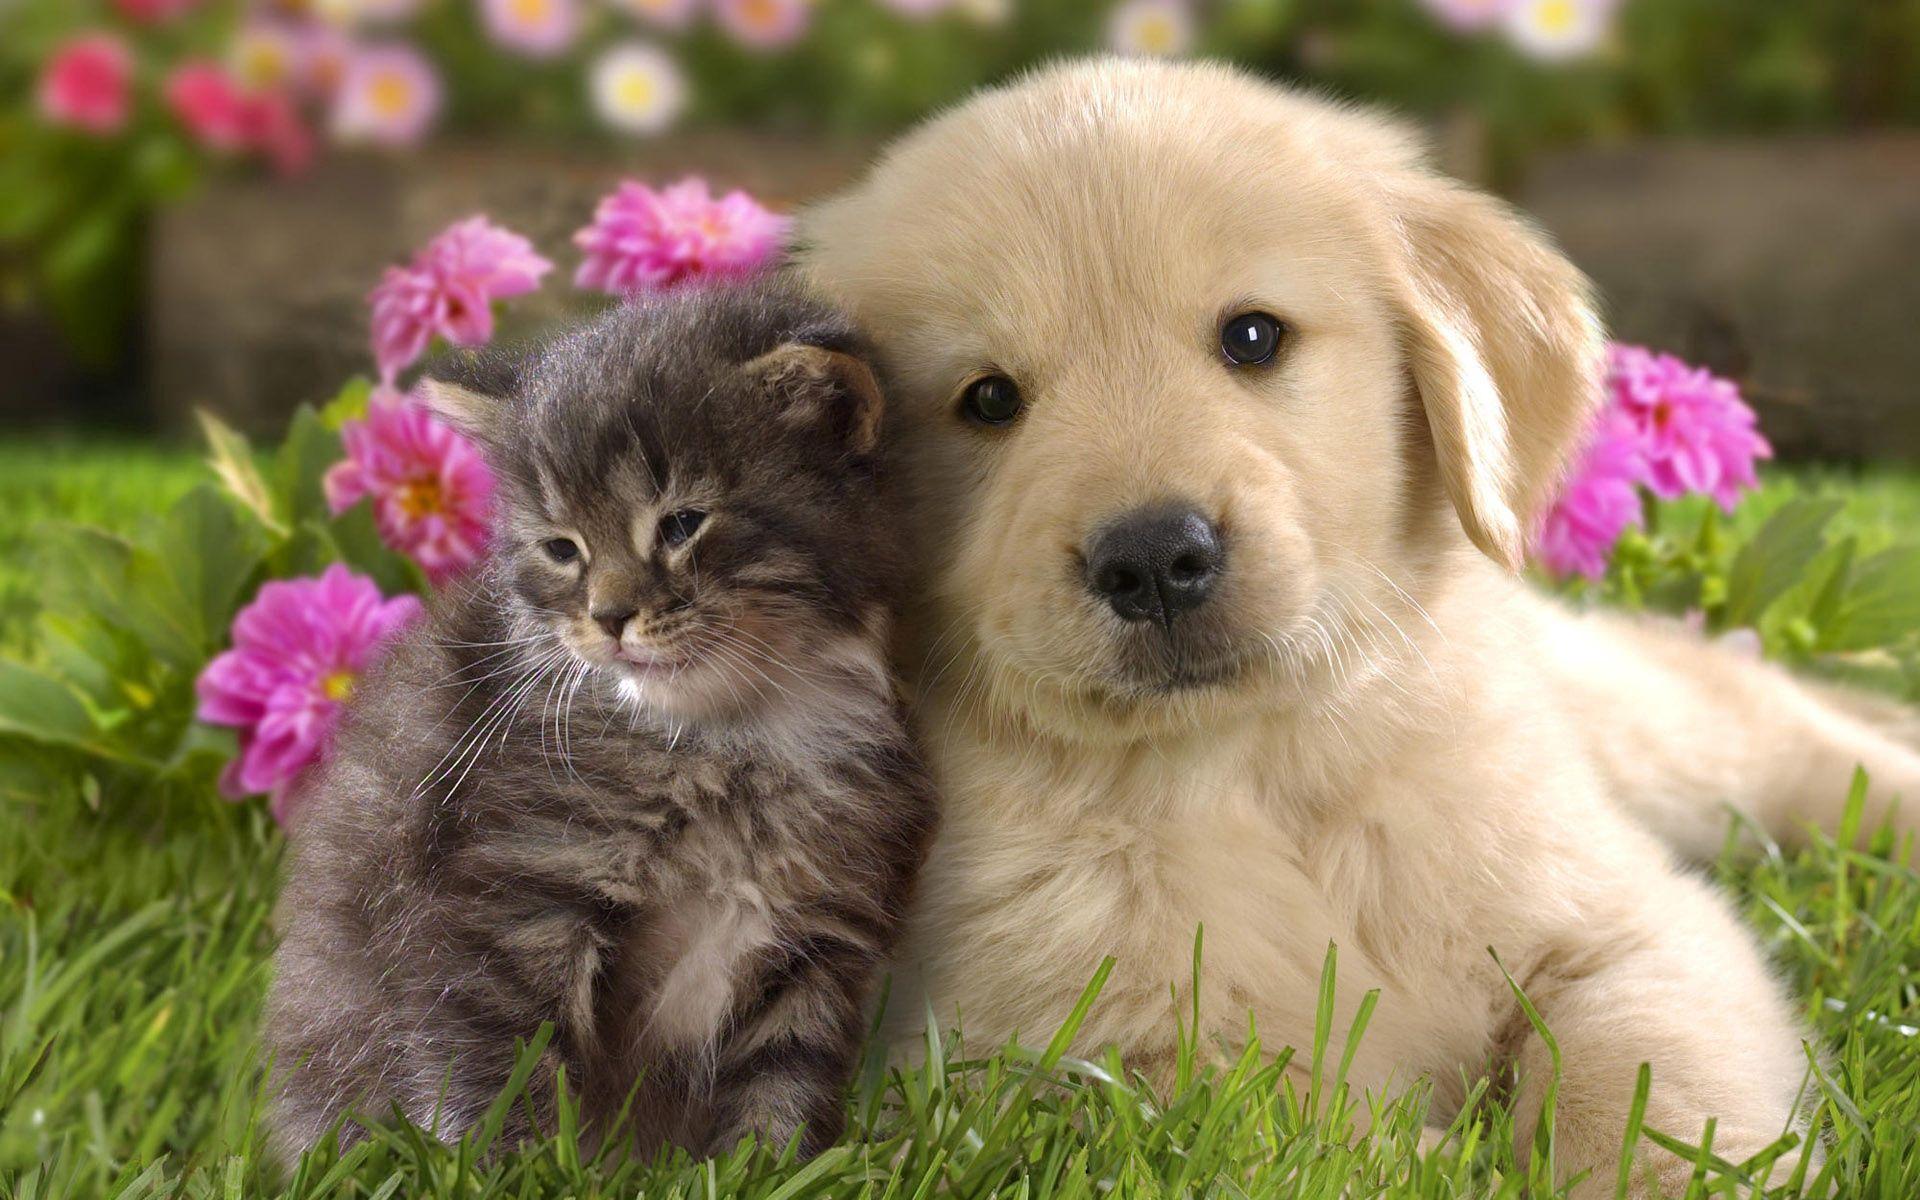 103542 завантажити шпалери Квіти, Кошеня, Тварини, Трава, Дружба, Пара, Щеня, Цуценя - заставки і картинки безкоштовно